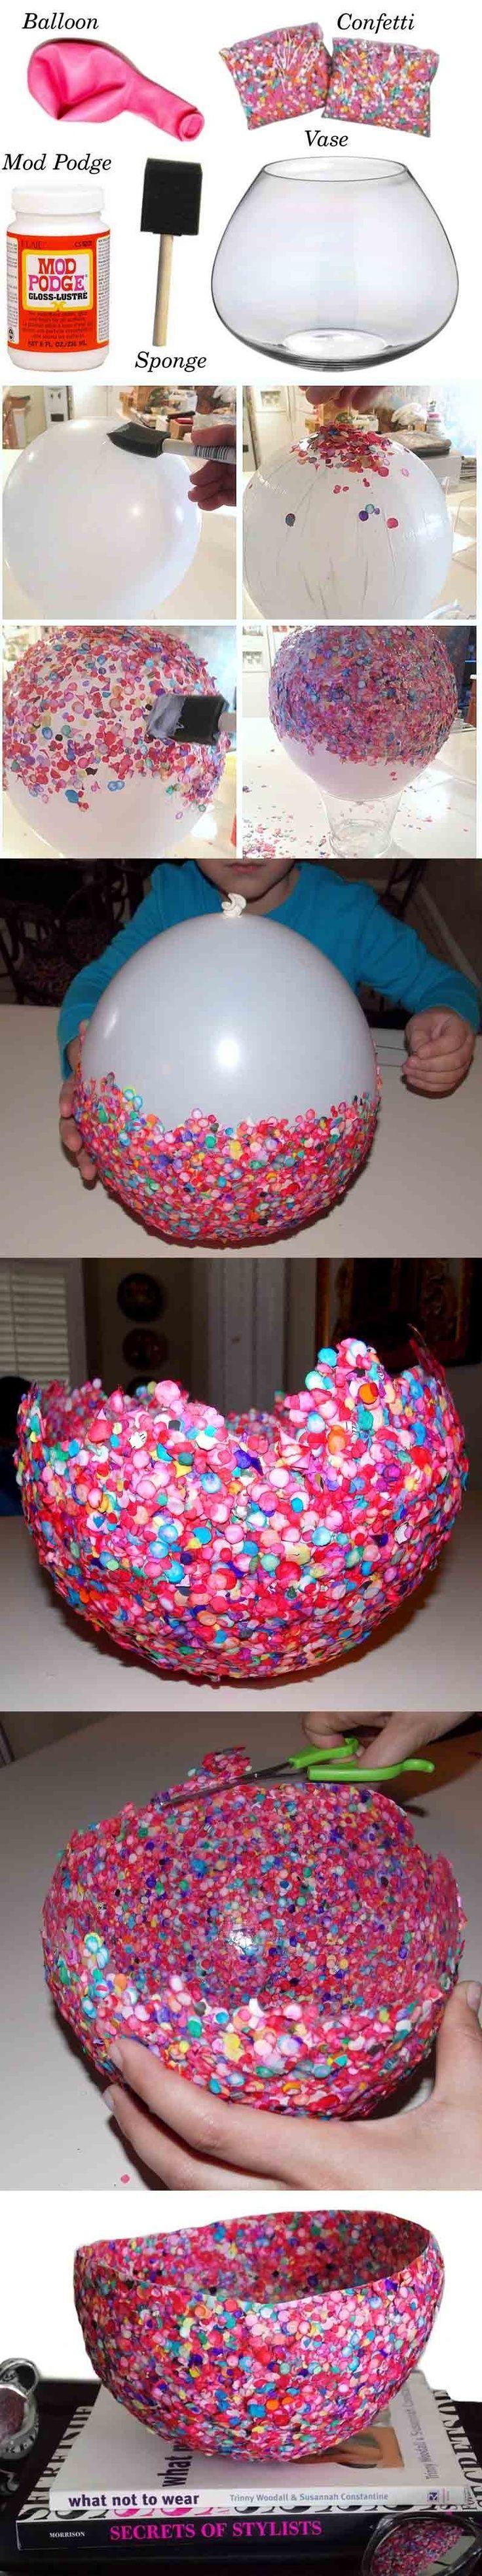 Cool confetti bowl